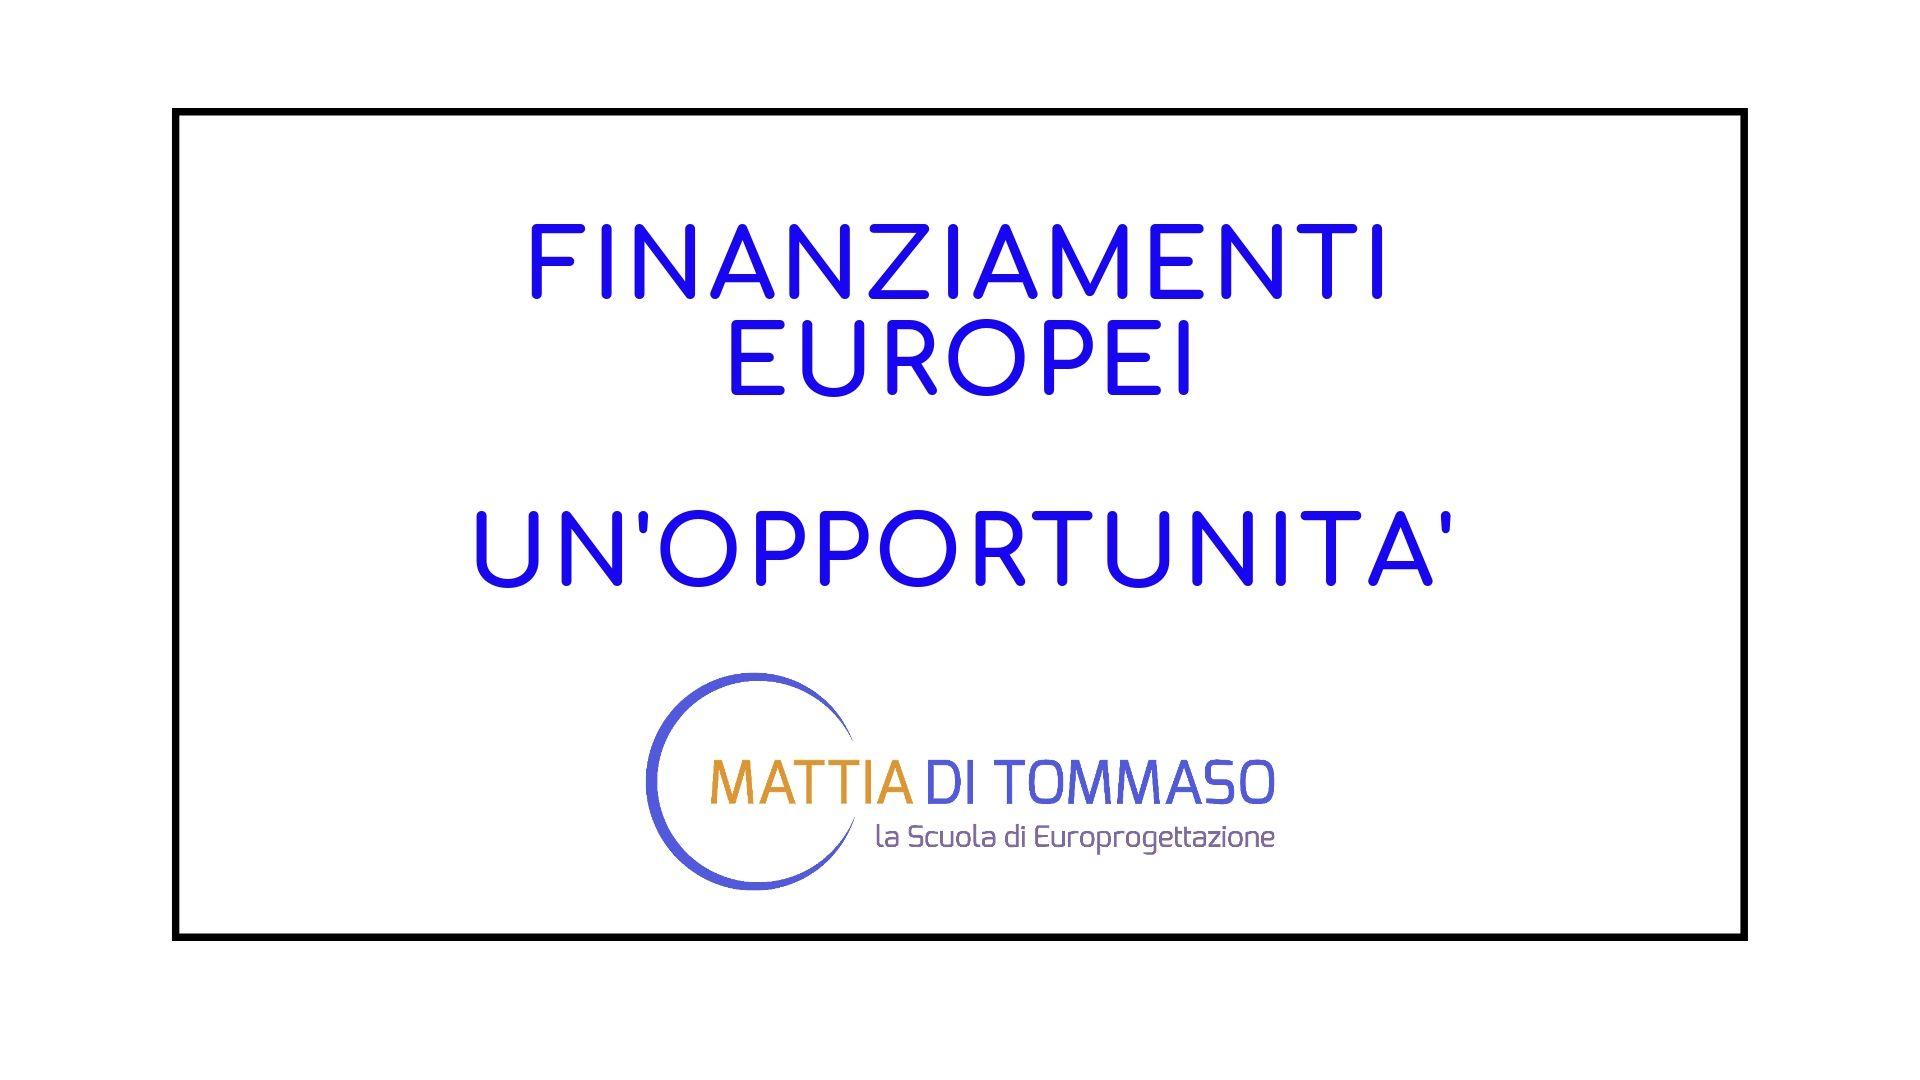 Finanziamenti Europei. Un'opportunità per l'Italia.